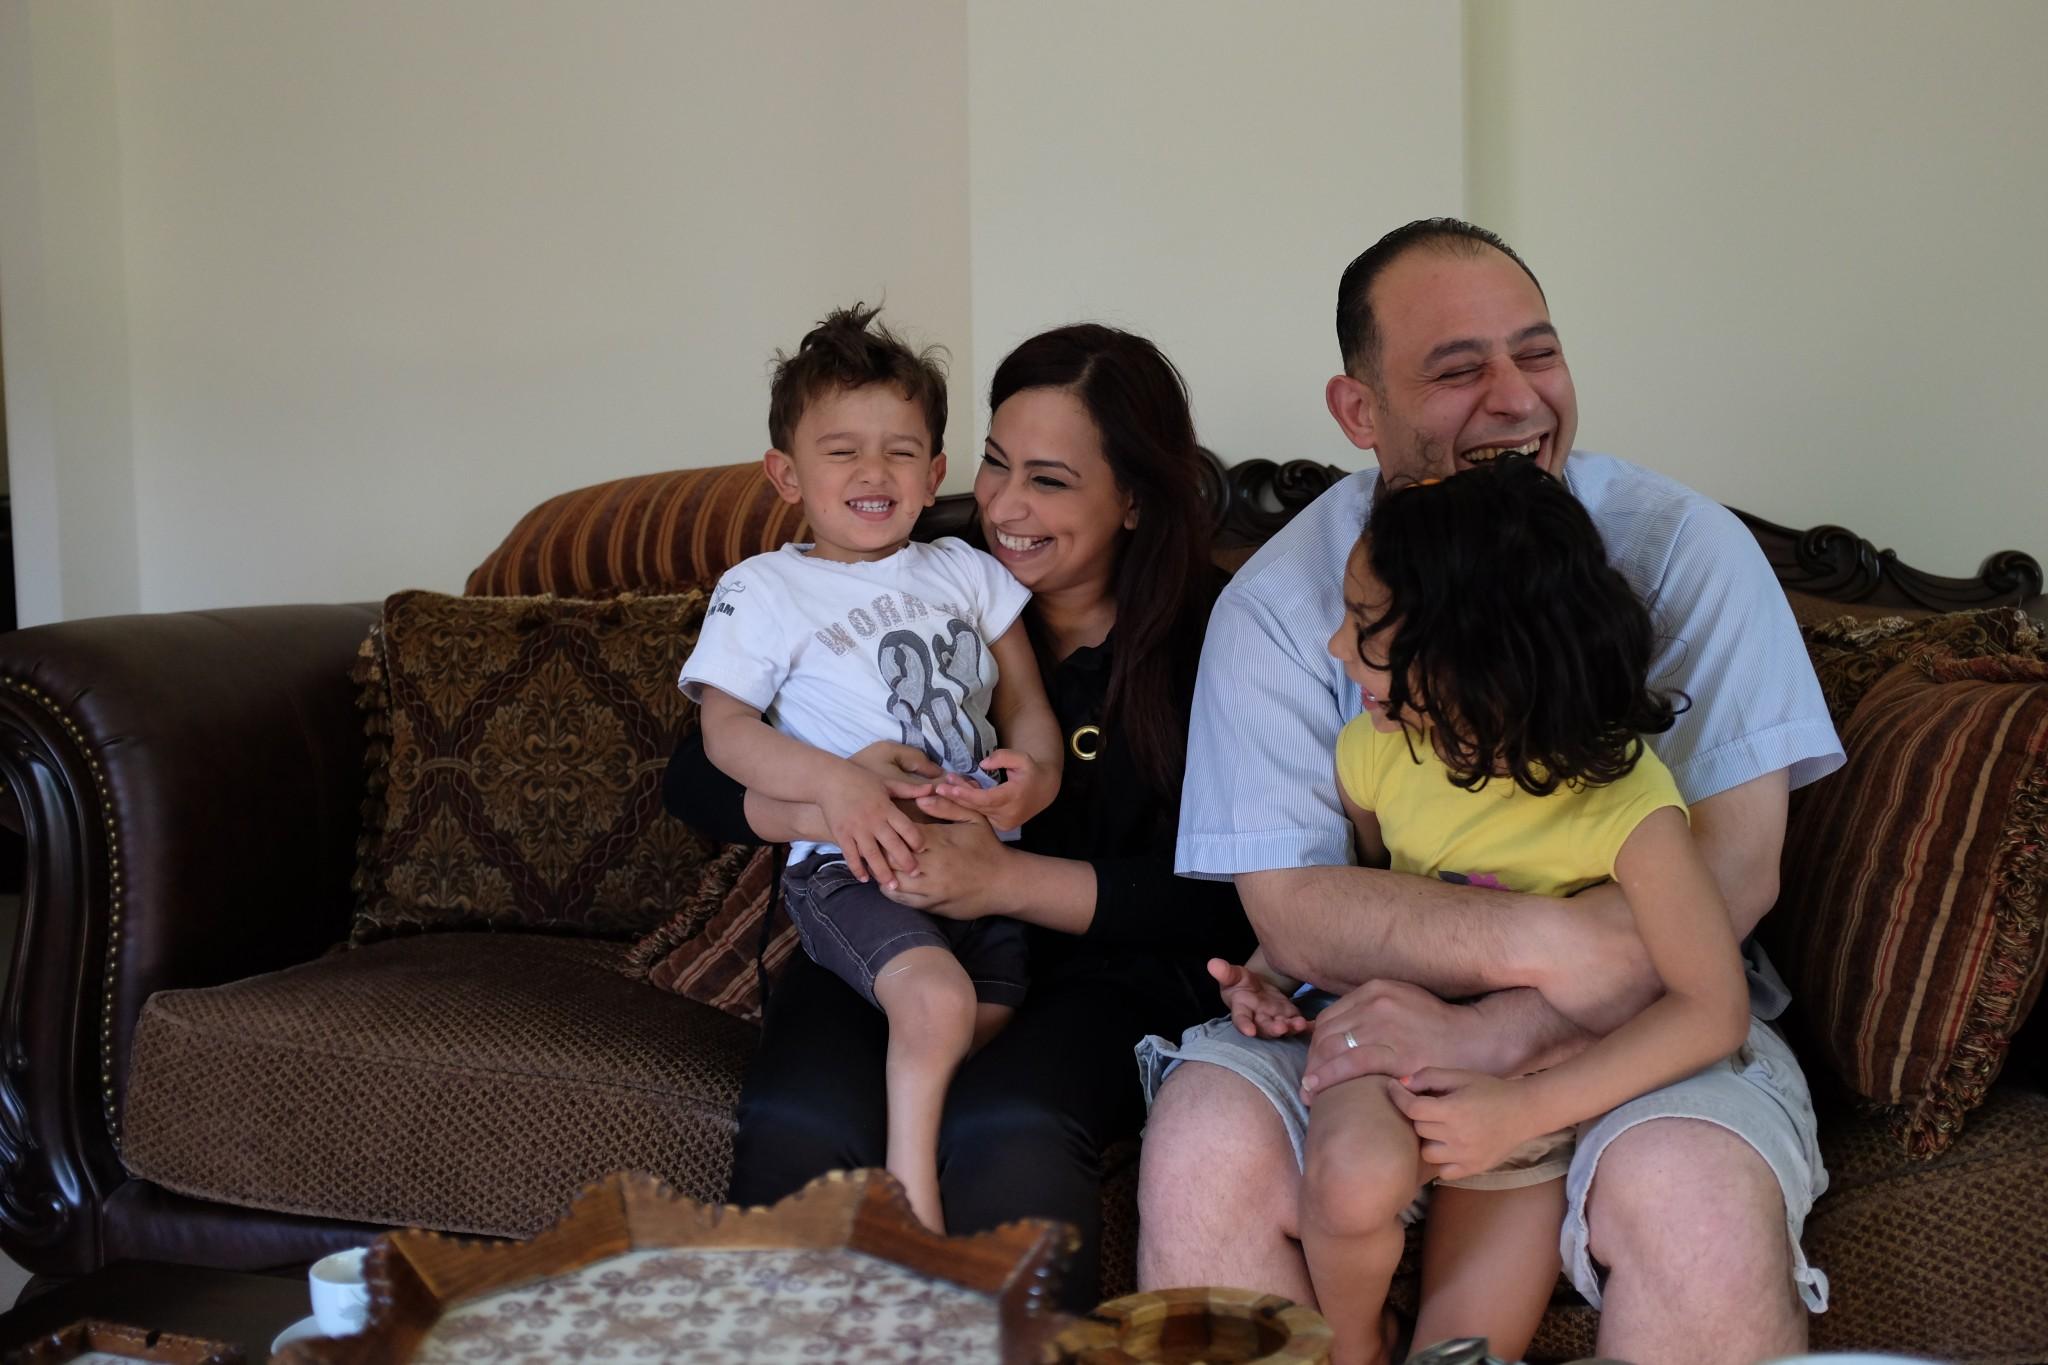 آلاء الهبيل (باغي)، ابنة نصر وسلوى، مع زوجها أدهم في بيتهم، رام الله. تصوير: أليكس ليـﭭـاك